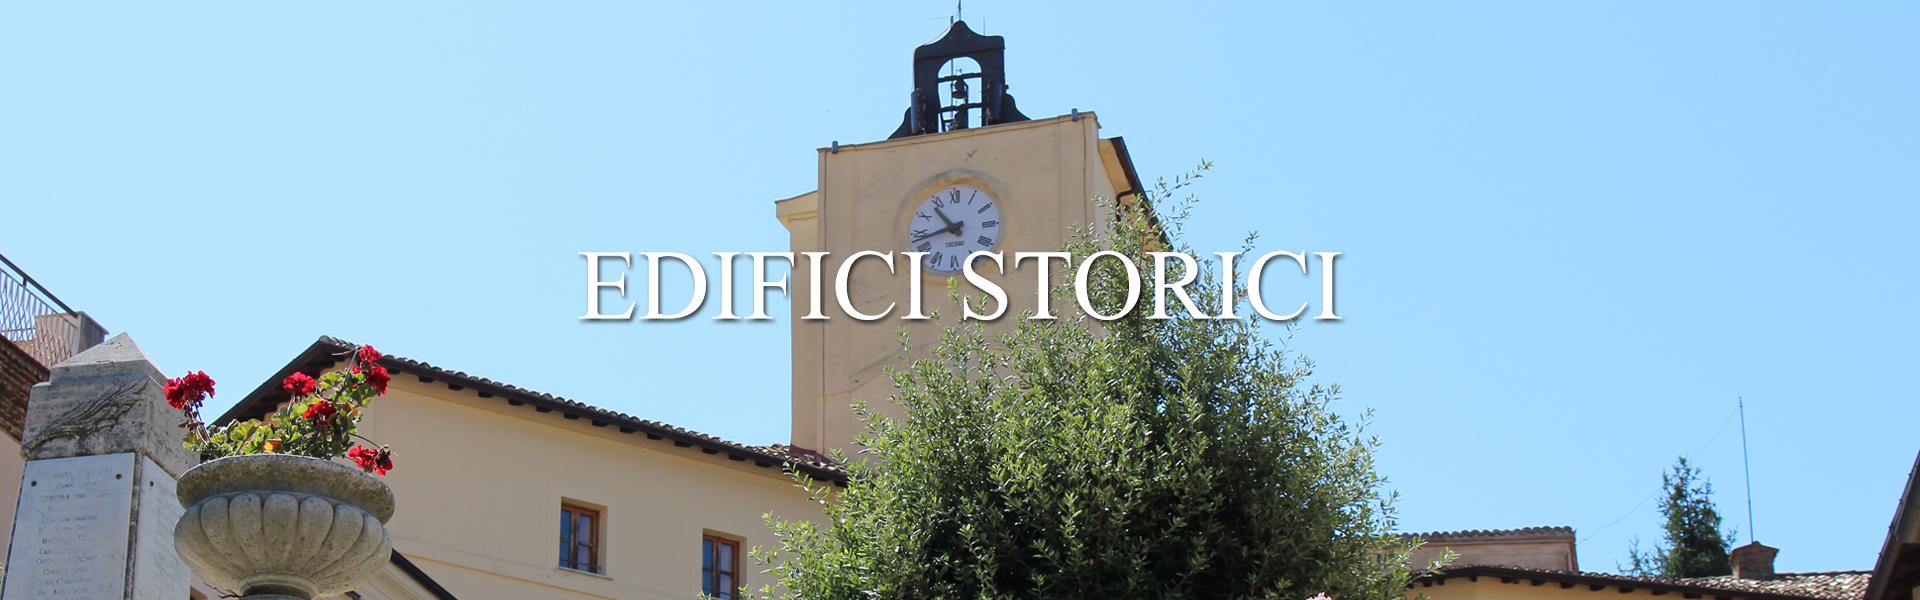 edifici-storici